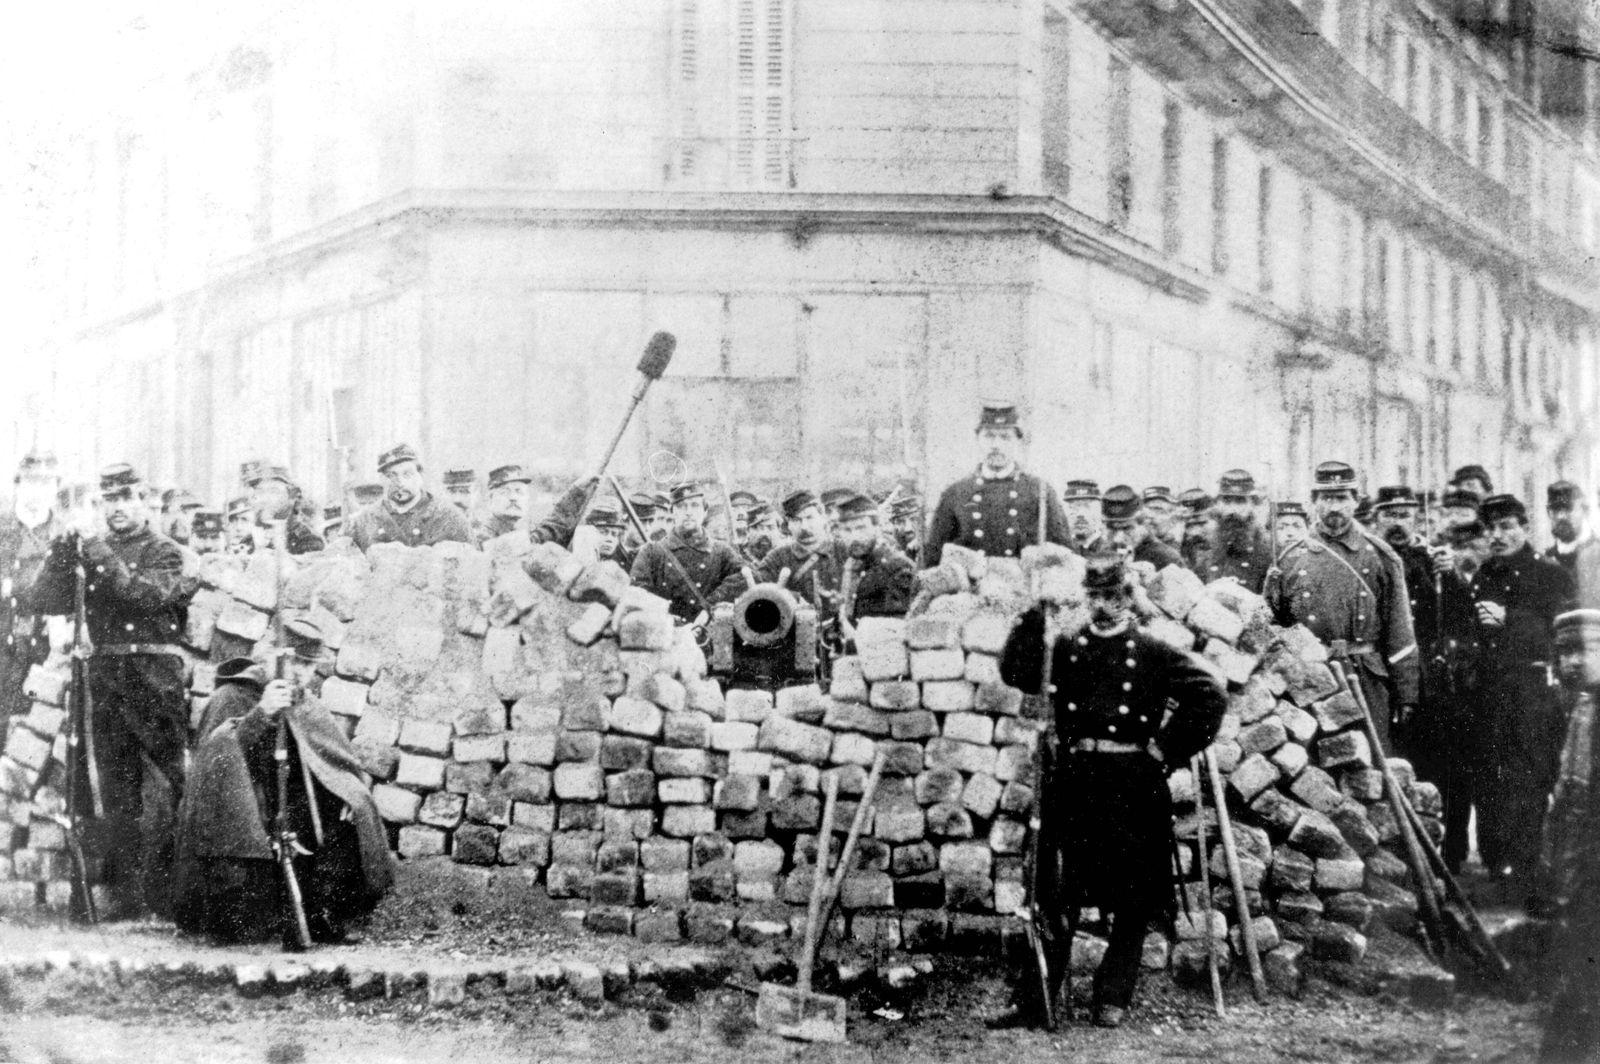 Barricade in a street Barricade in a street 1871 France Paris Commune Coll Jacques Chevallier PUB